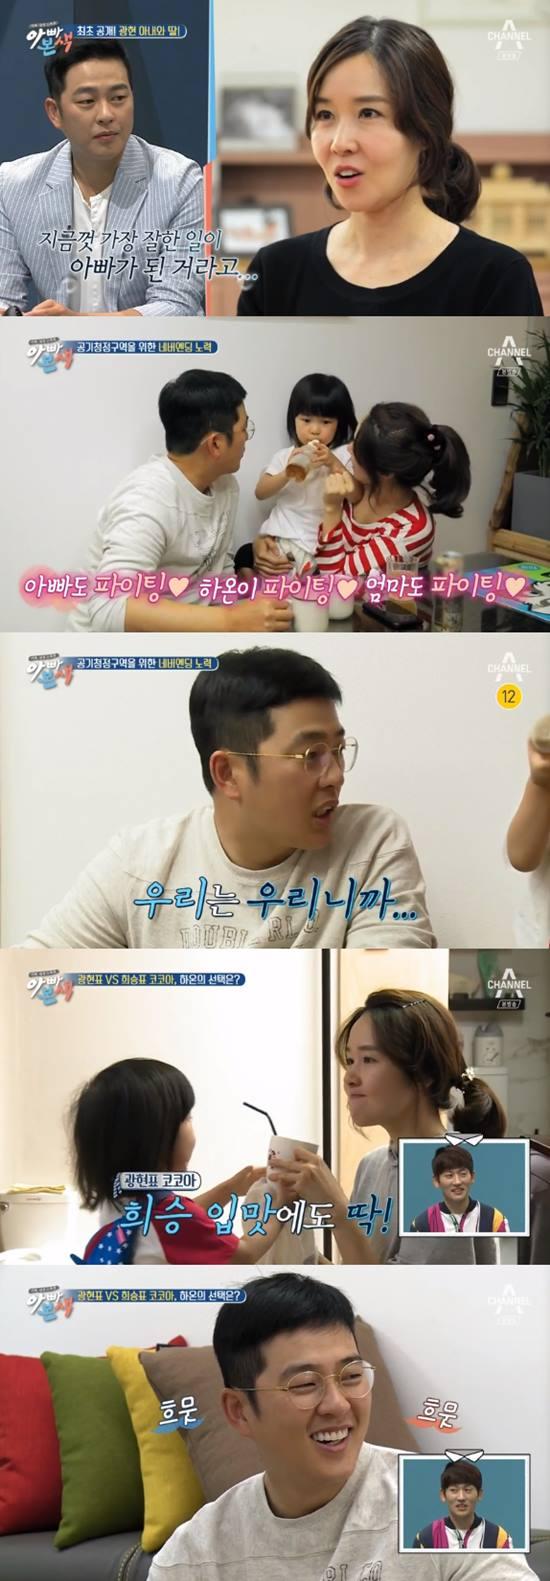 """[종합] """"미세먼지와의 전쟁""""...'아빠본색' 박광현♥손희승, 이런 부모 또 없습니다"""